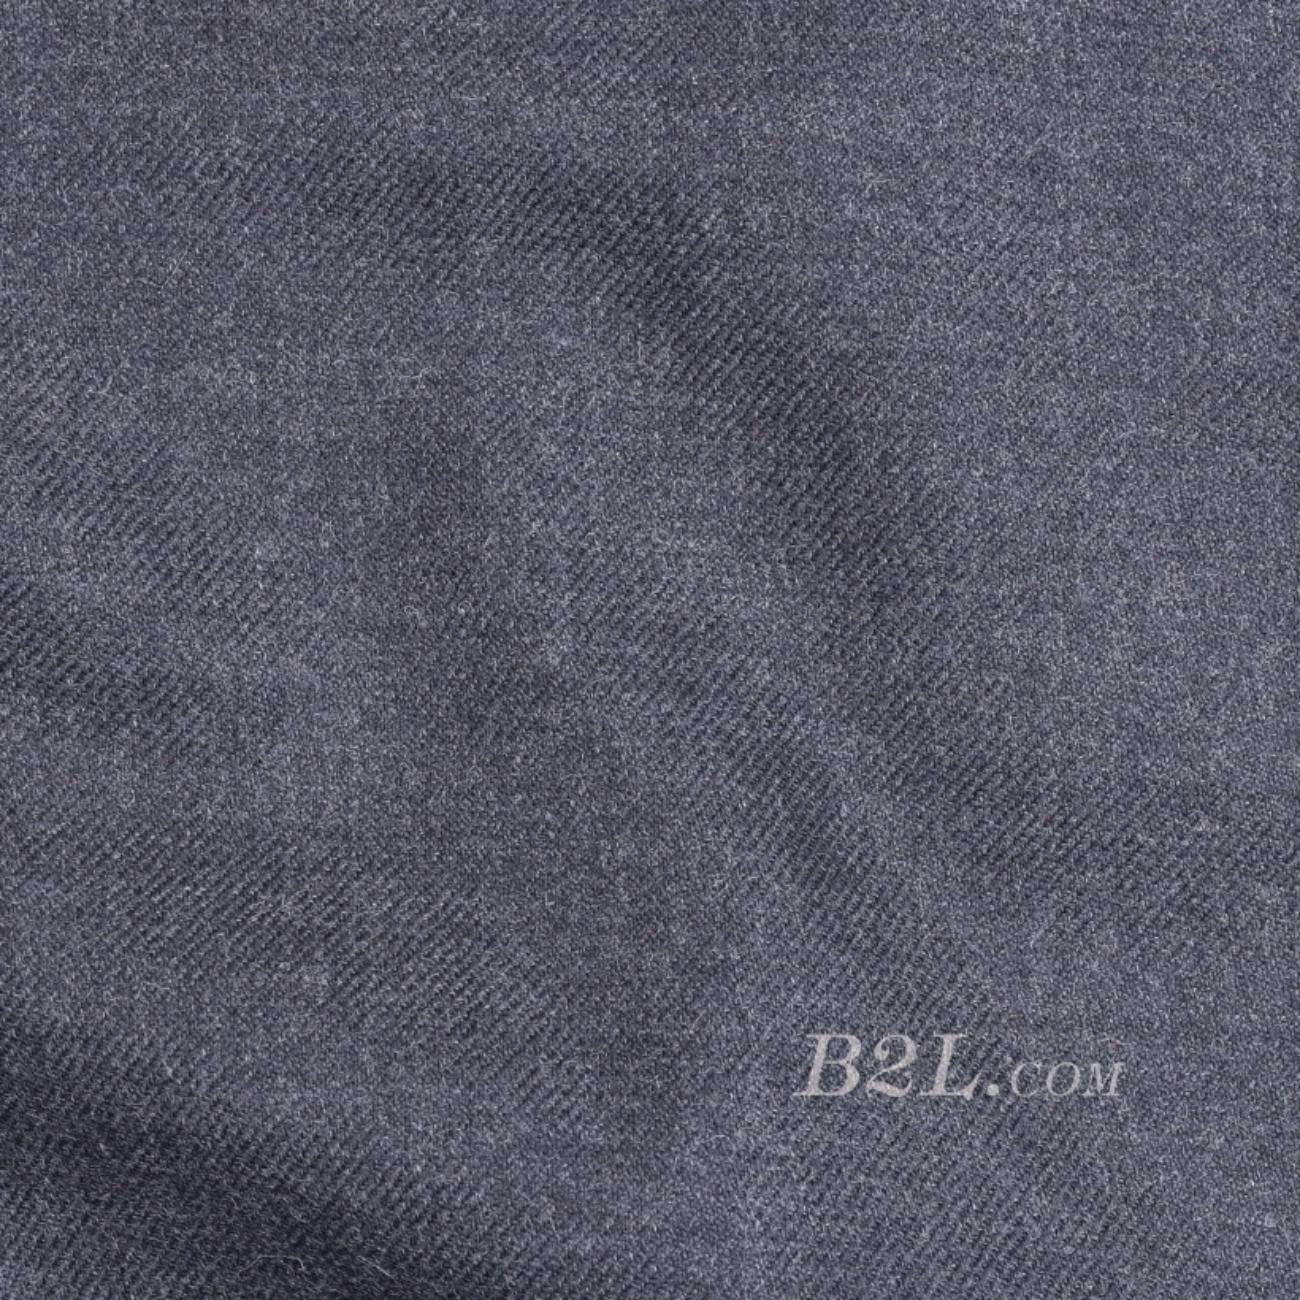 素色 梭织 染色 低弹 薄 春秋 时装 外套 裤装 90310-12